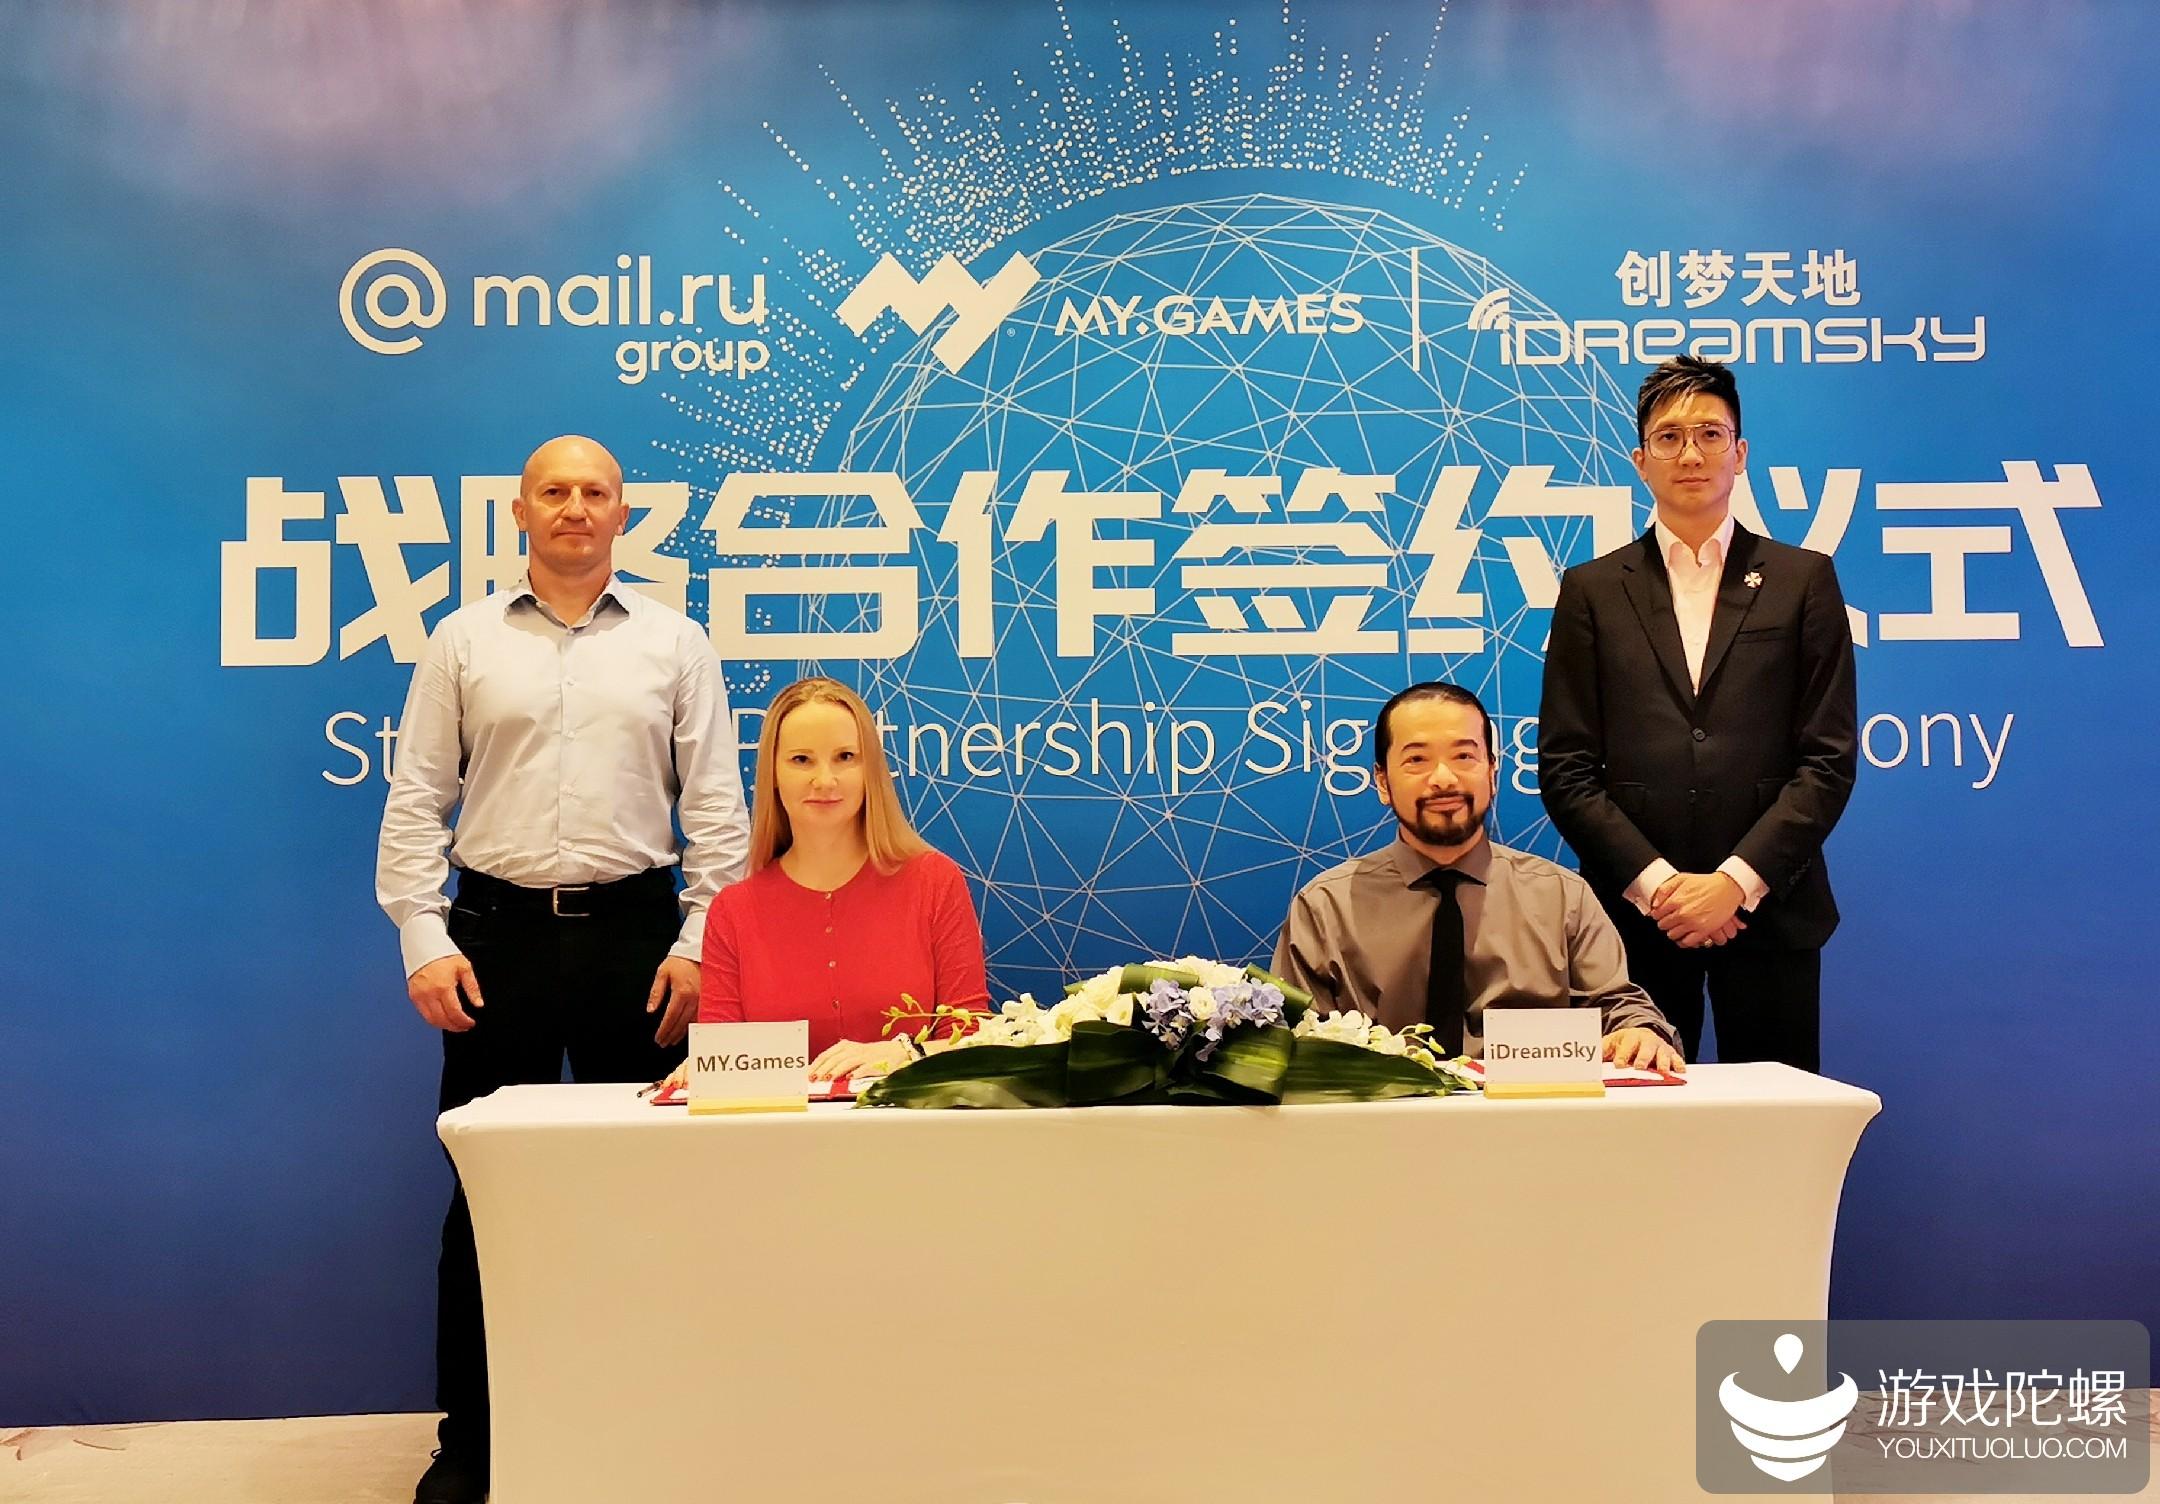 创梦天地与俄最大互联网公司mail.ru达成战略合作  共同开拓全球游戏市场